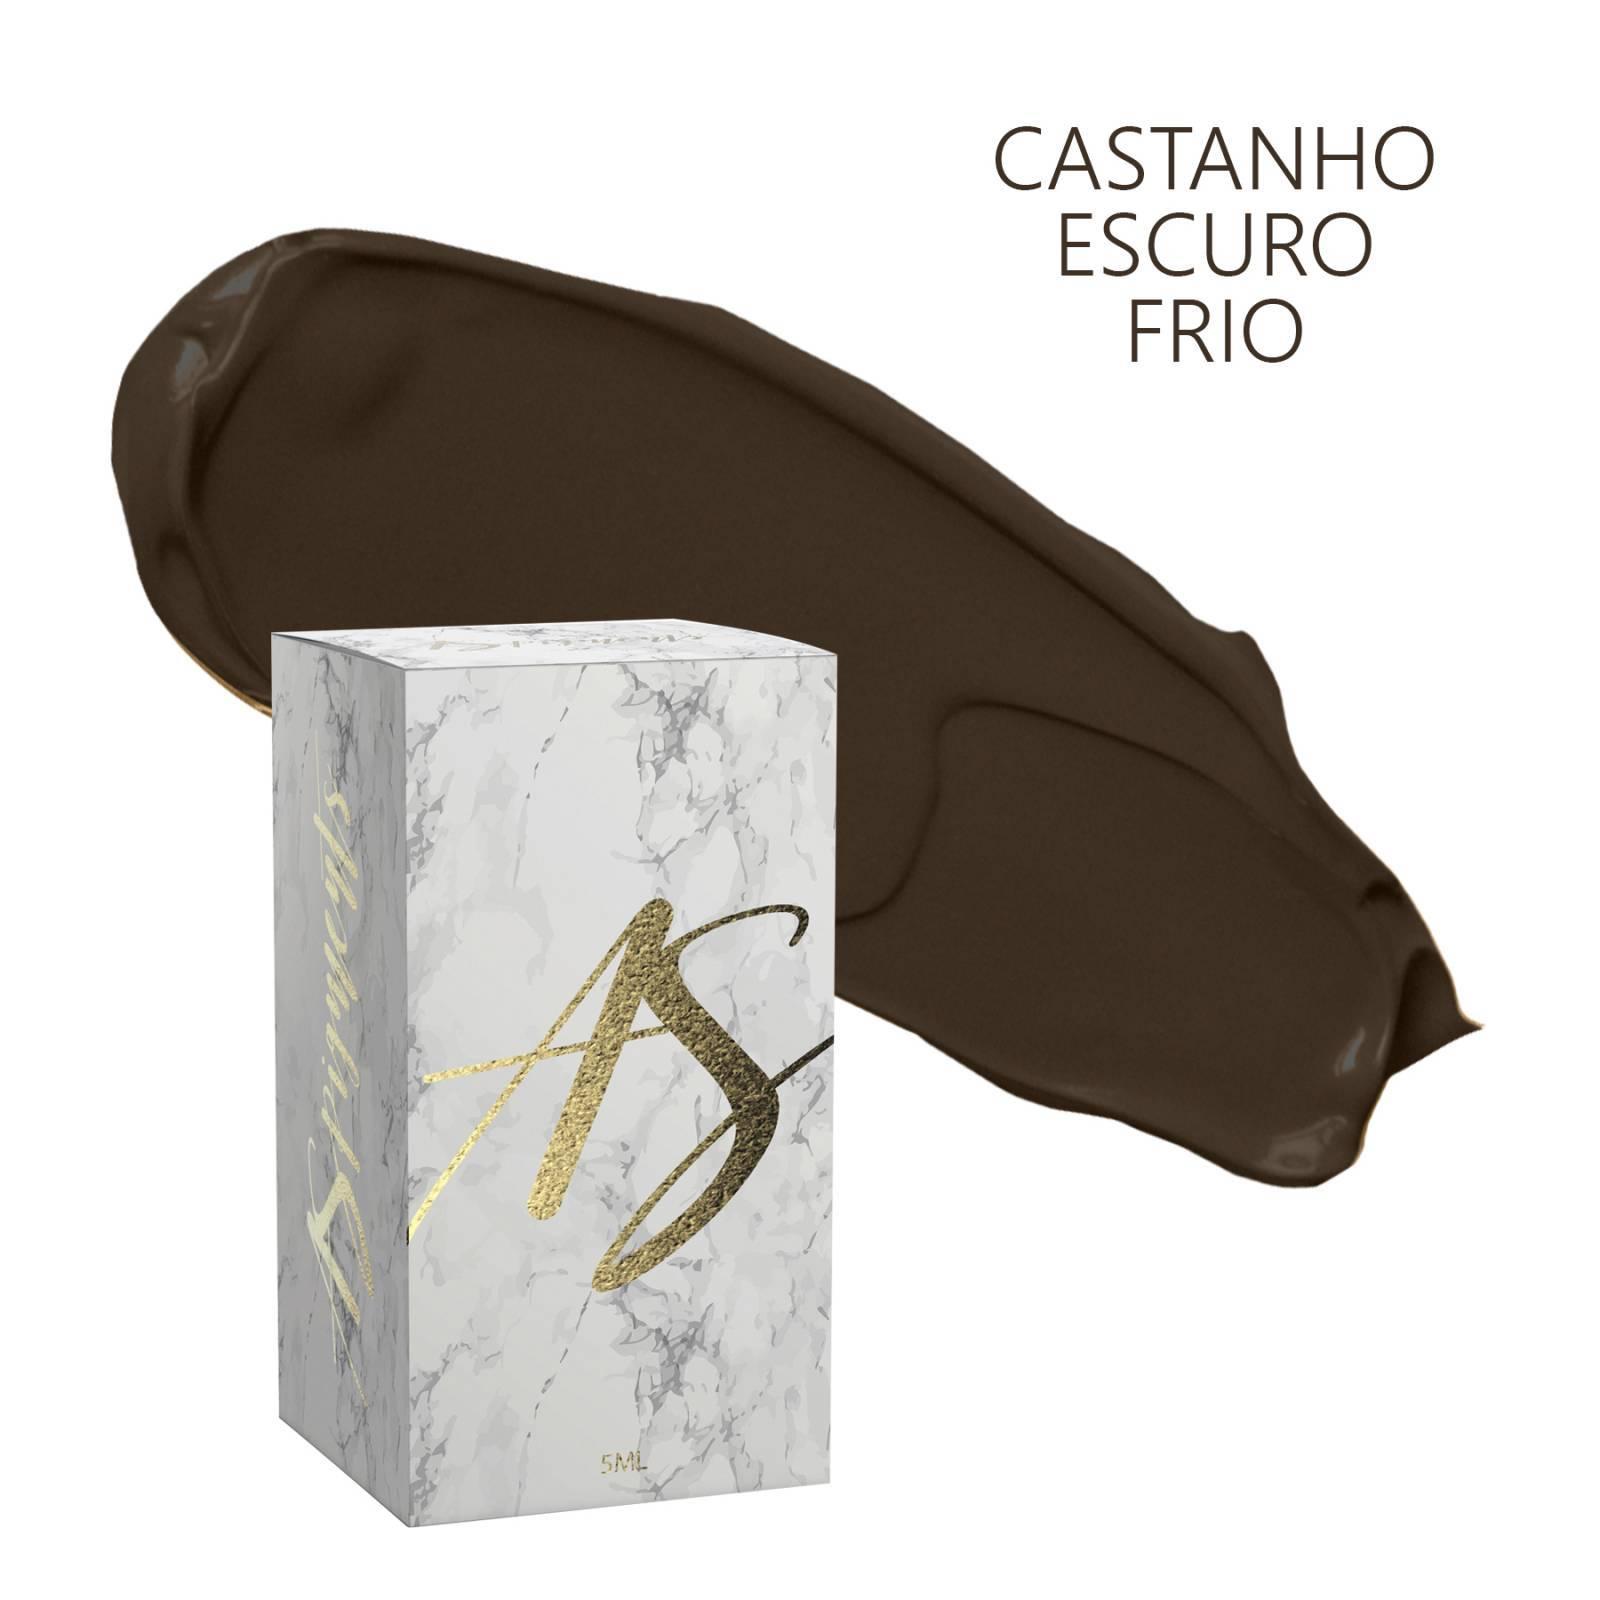 Pigmento Castanho escuro frio- embalagem 5 ml - Loja Ana Paulla